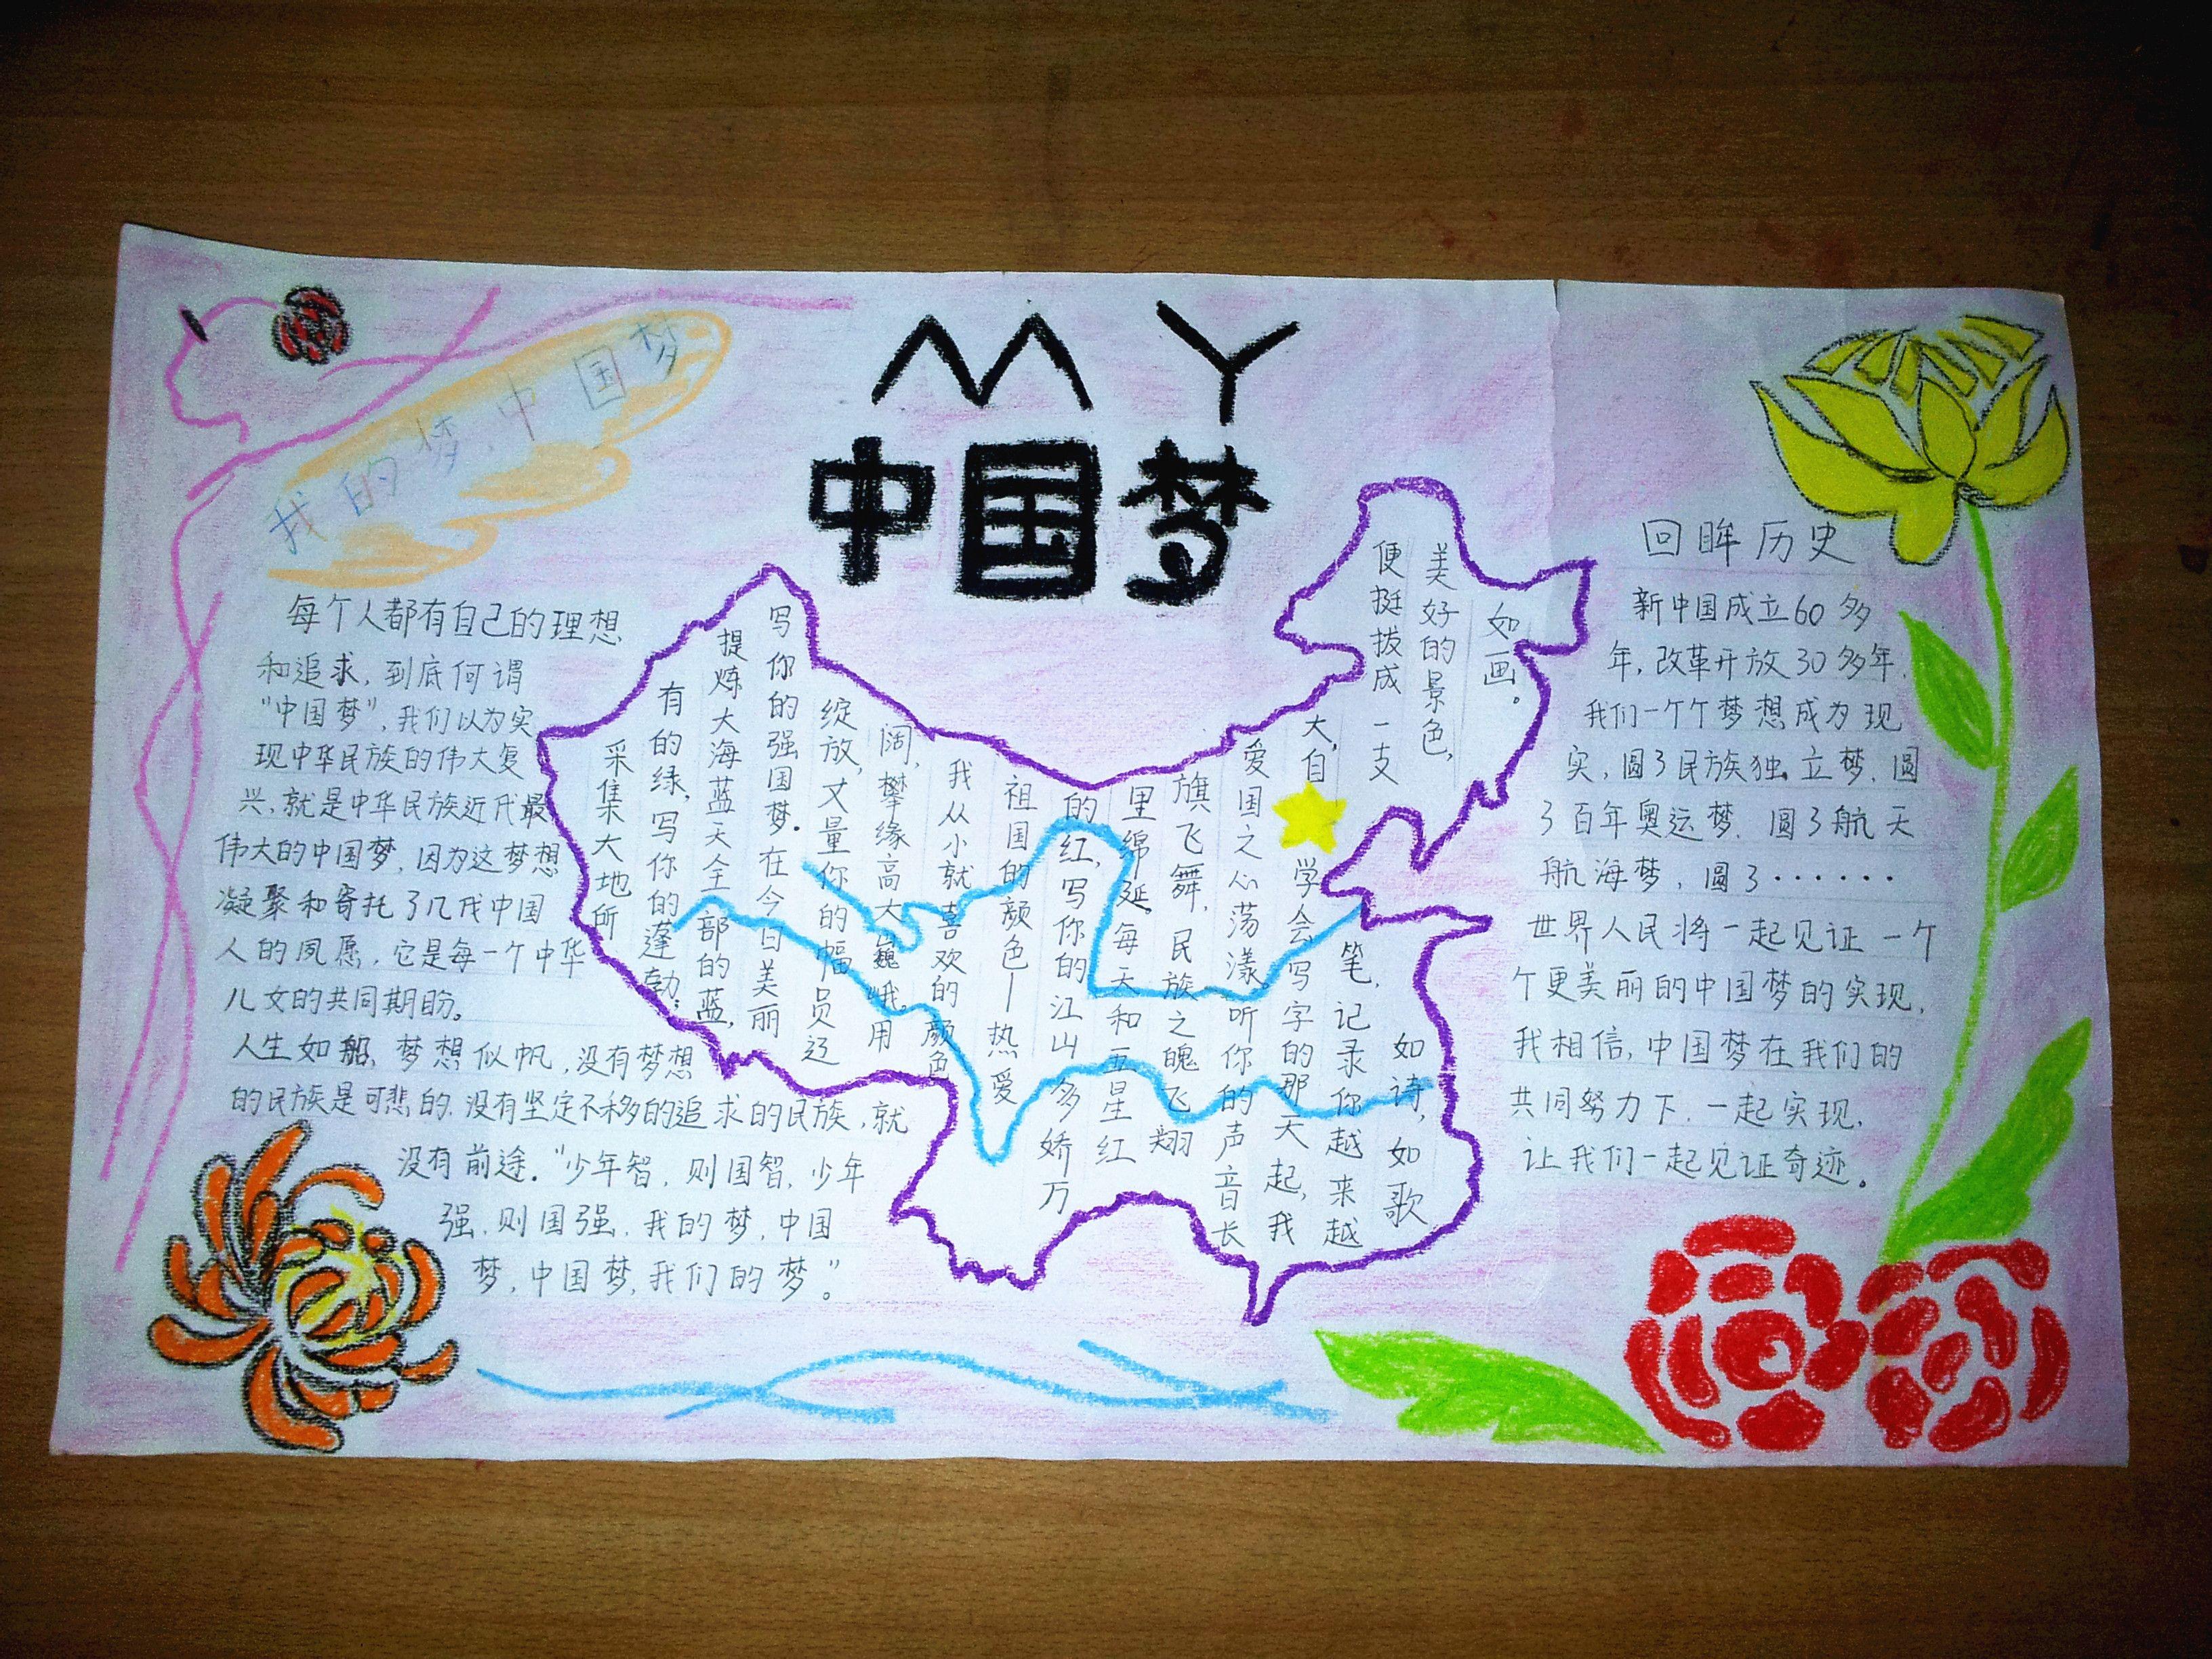 推广普通话共筑中国梦的手抄报